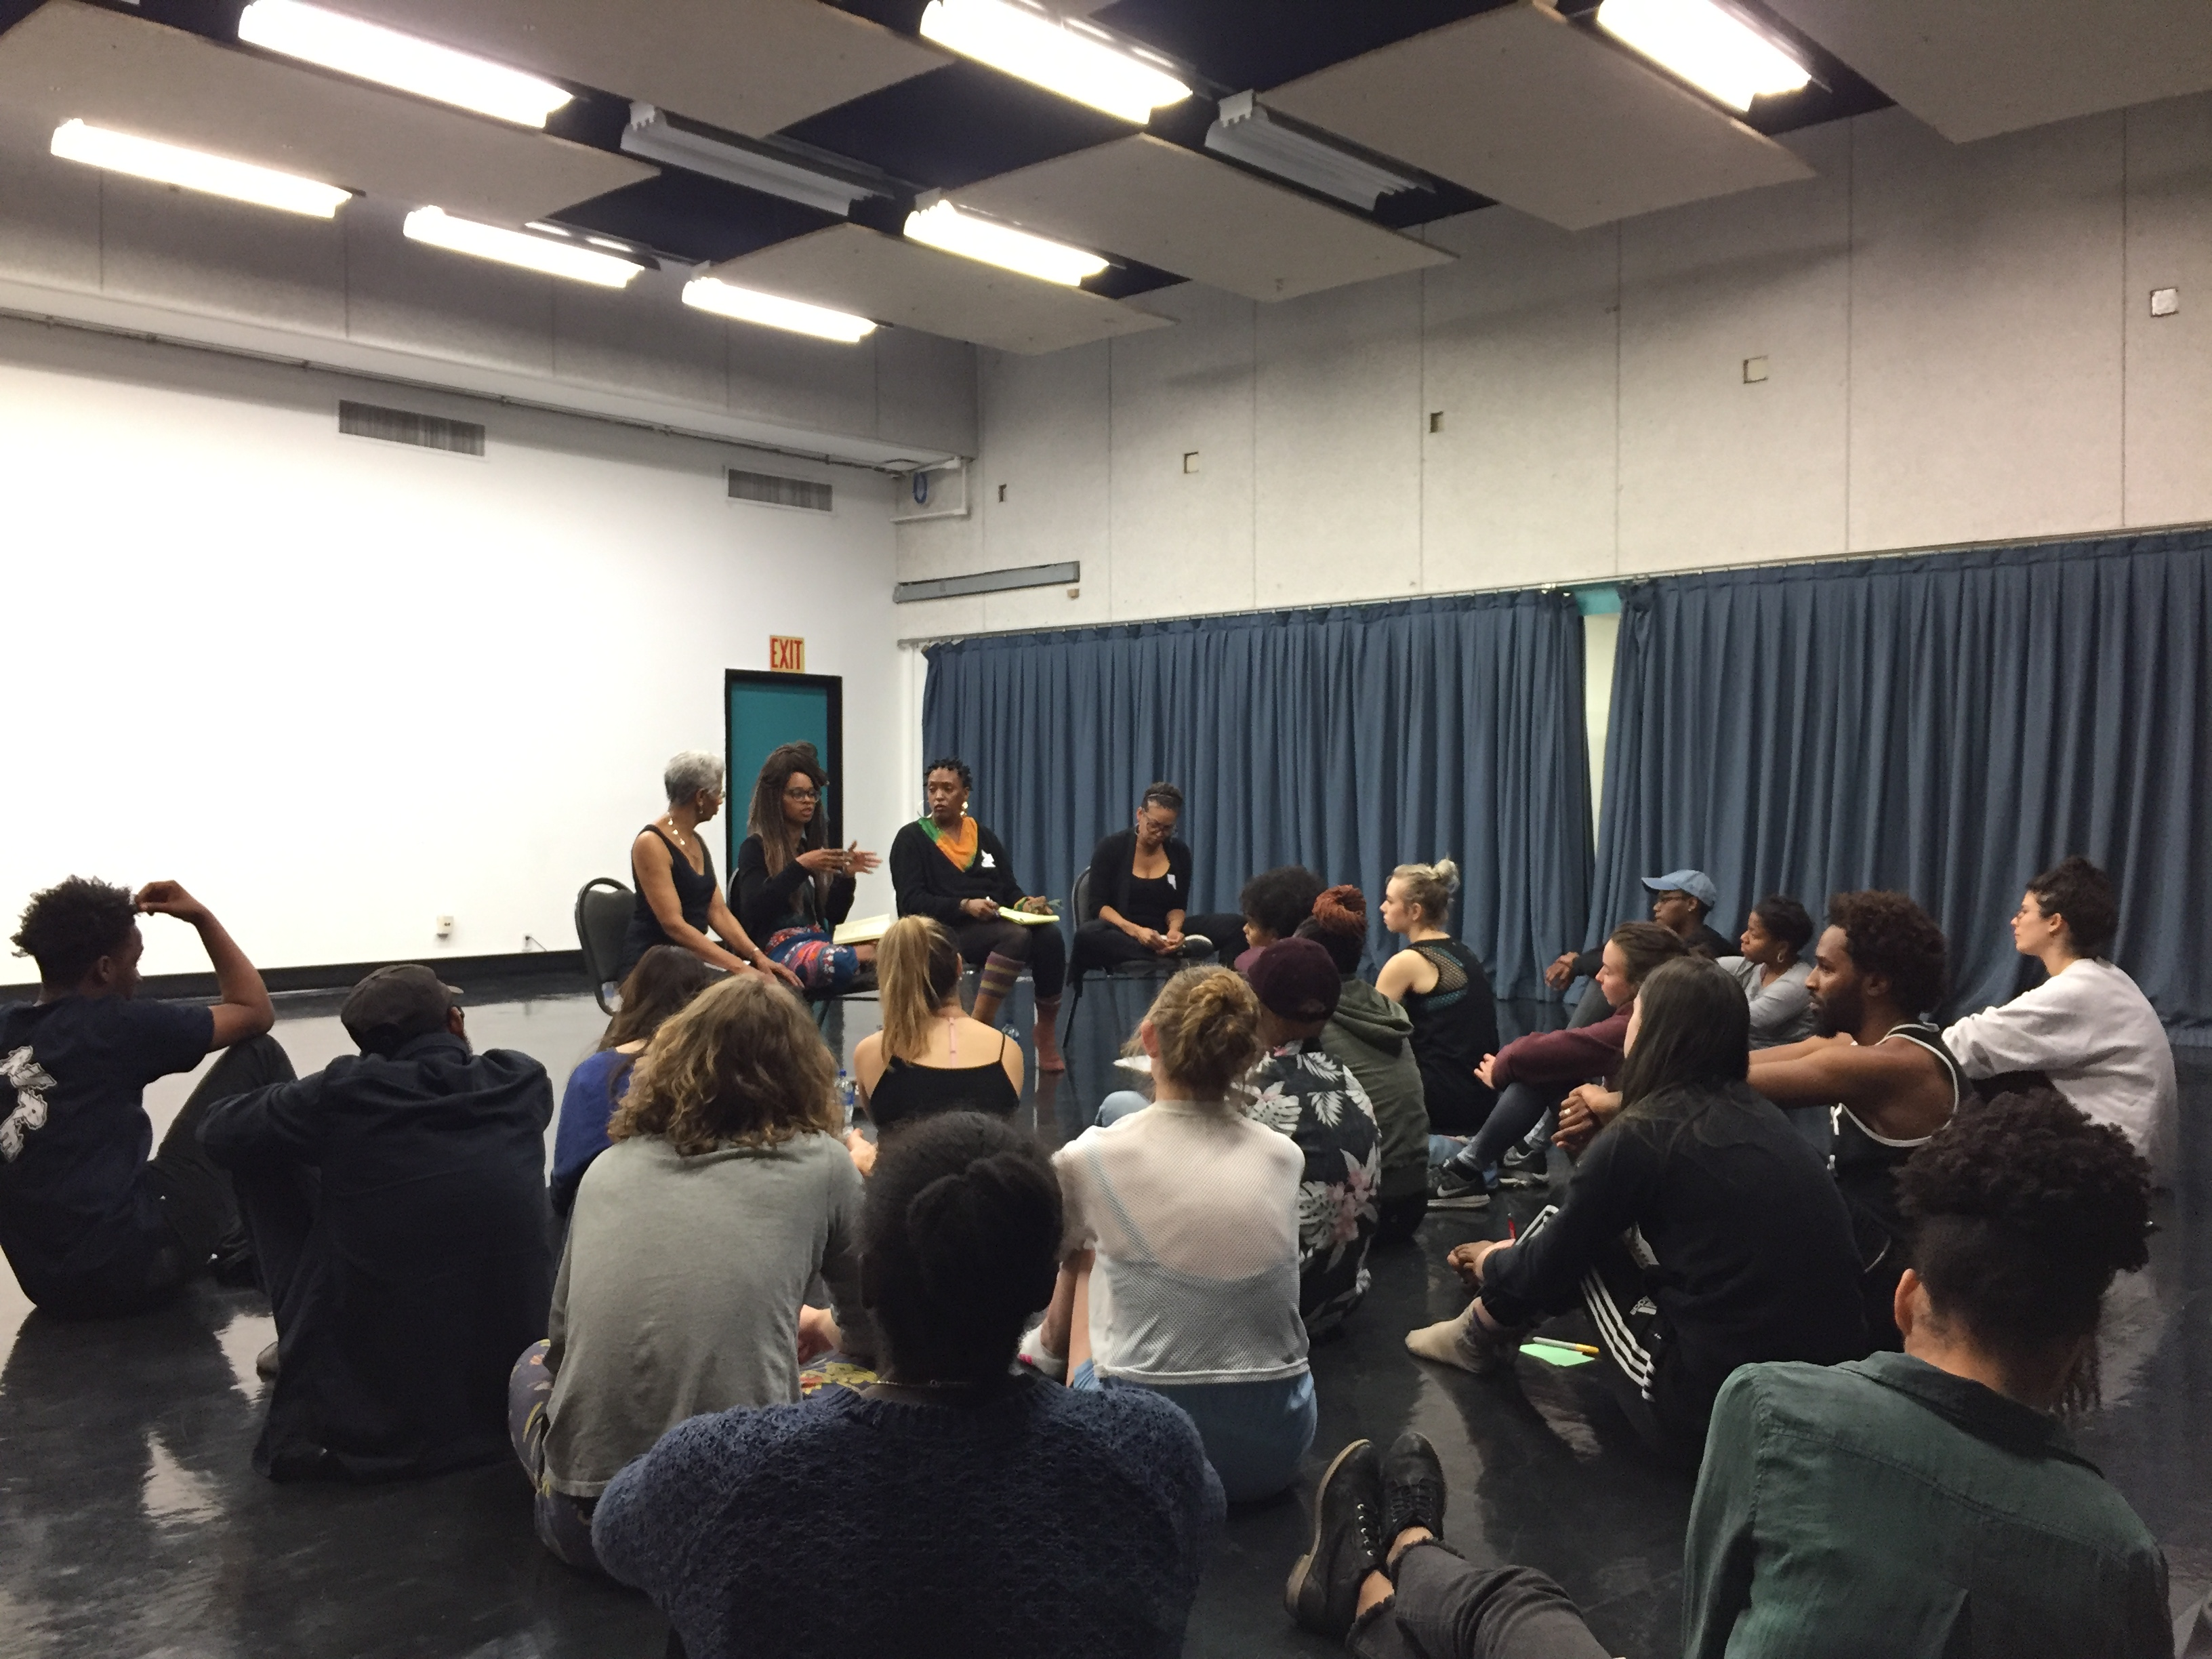 ArtChangeUS@CalArts Activism Through Movement: A Workshop in